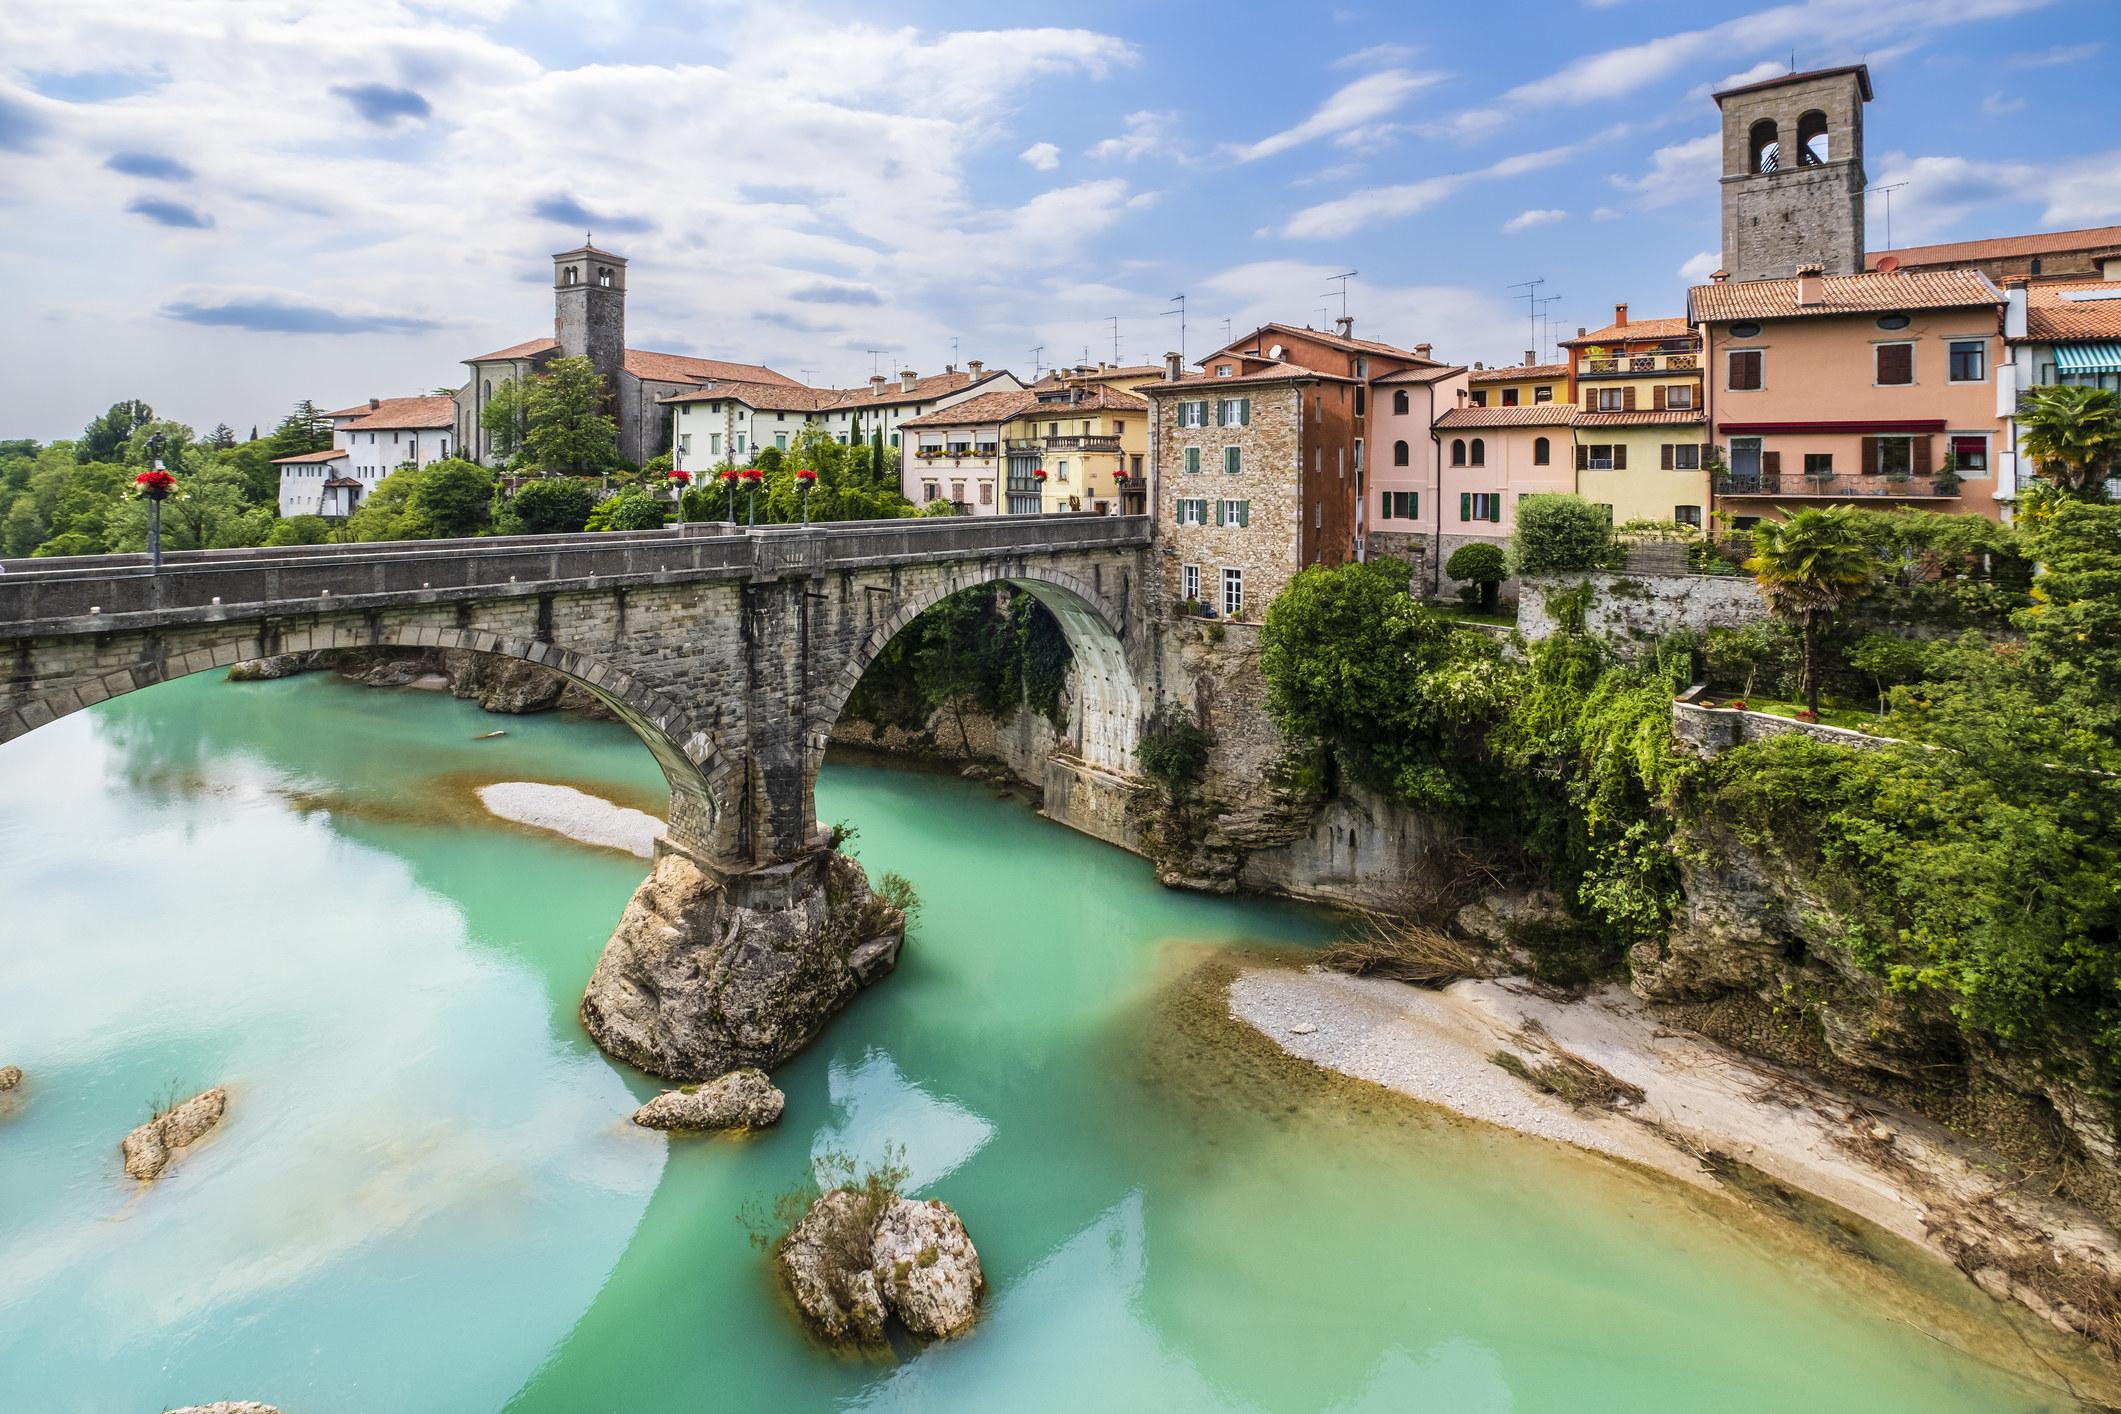 Devil's Bridge in Friulli.